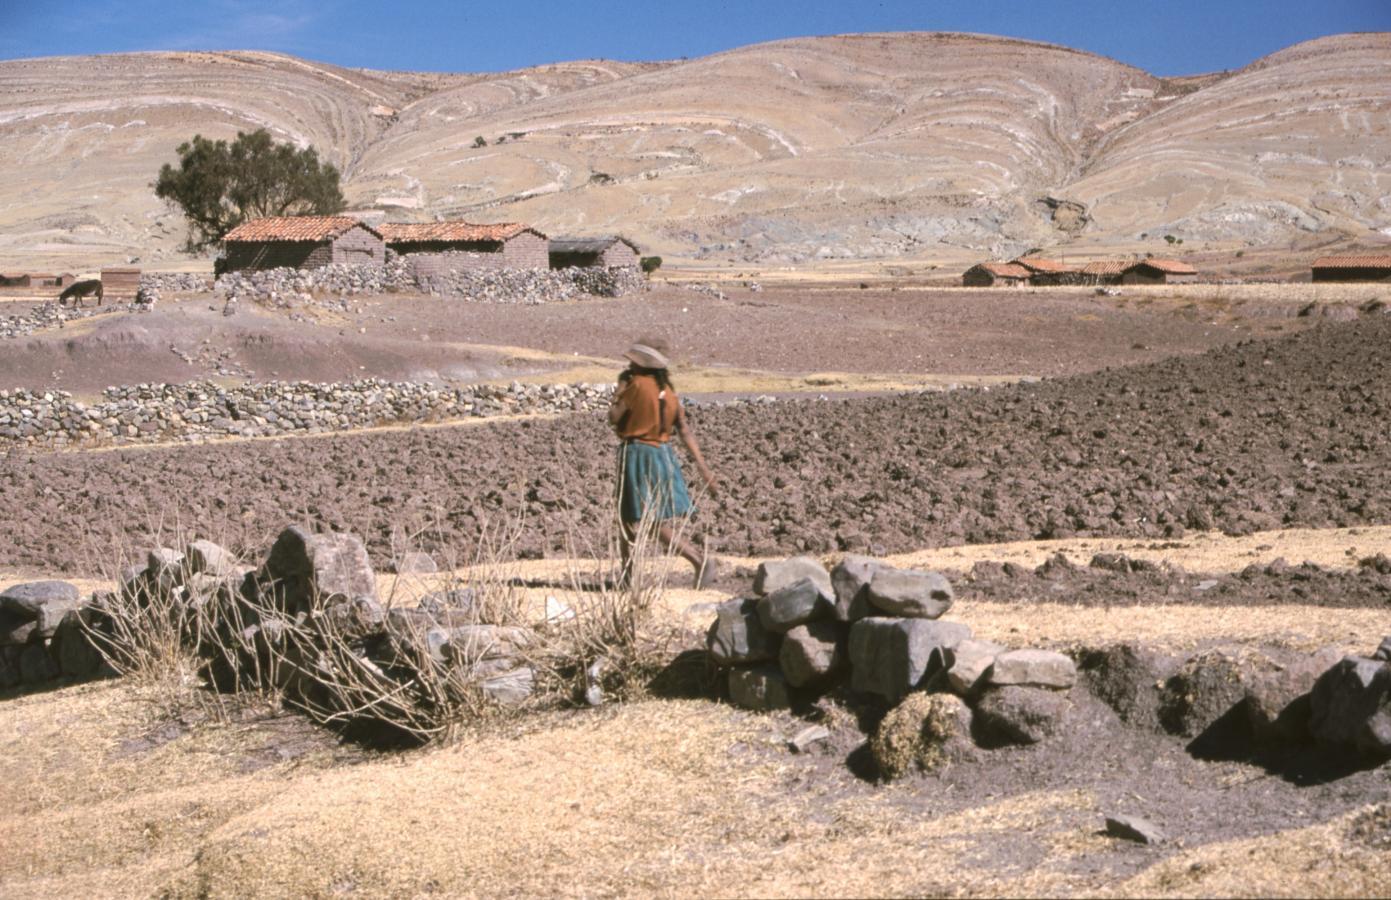 lama-glama-11-bolivia-2001